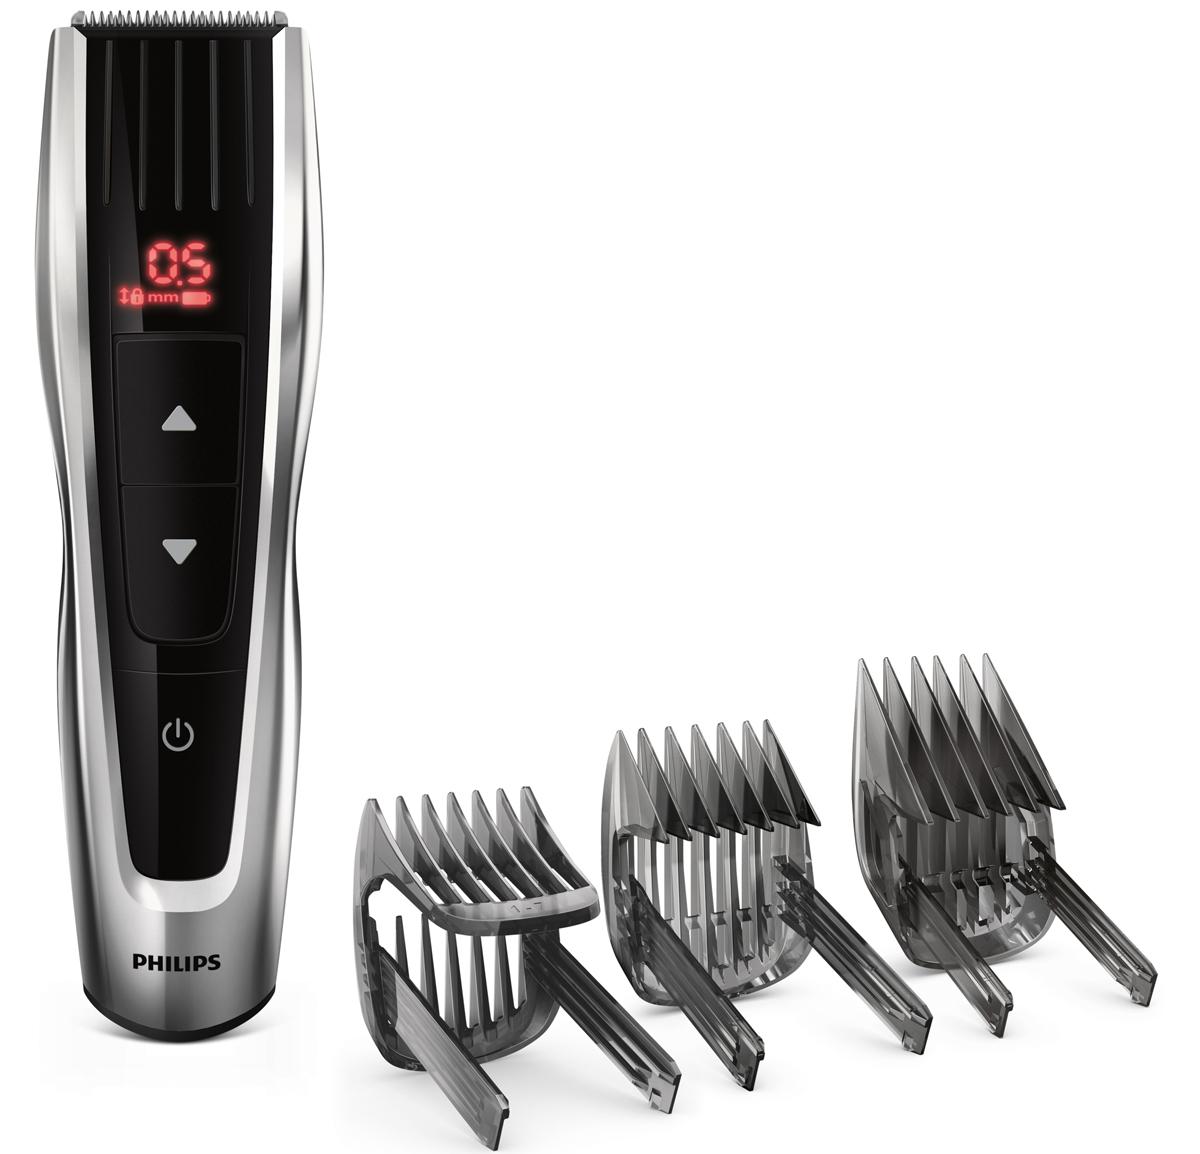 Philips HC7460/15 беспроводная машинка для стрижки волос с 60 установками длиныHC7460/15Машинка для стрижки волос Philips HC7460/15 обеспечивает точную и удобную стрижку одним нажатием. Благодаря движущимся гребням и высококачественному режущему блоку результаты всегда будут идеальными.Кнопки управления:Интуитивно понятный интерфейс обеспечивает точный выбор длины. Кнопки предназначены для удобного выбора и фиксации более 60 настроек длины: вы можете быстро просмотреть все настройки или подобрать нужную, выполнив прокрутку с минимальным шагом 0,2 мм.60 установок длины (от 0,5 до 42 мм) легко выбрать и зафиксировать:Гребень обеспечивает точное подравнивание благодаря наличию более 60 установок: с шагом 0,2 мм (для установок от 1 до 7 мм) и с шагом 1 мм (для установок от 7 до 42 мм). Прибор можно использовать без гребня для подравнивания до минимальной длины 0,5 мм.Самозатачивающиеся лезвия из нержавеющей стали долго остаются острыми.Автоматический турборежим для увеличения скорости стрижки:Турборежим автоматически увеличивает скорость работы прибора при подравнивании густых волос, позволяя добиться идеального результата.Режущий блок с двойной заточкой обеспечивает в два раза более быструю стрижку:Усовершенствованная технология DualCut — это режущий блок с двойной заточкой и низким коэффициентом трения. Корпус из стали обеспечивает дополнительную надежность, а инновационный режущий блок гарантирует в два раза более быструю стрижку по сравнению с обычными машинками Philips.120 минут автономной работы после зарядки в течение 1 часа:Машинка для стрижки может работать в беспроводном режиме для максимального удобства и свободы движений. Мощный литий-ионный аккумулятор обеспечивает до 120 минут работы после 1 часа зарядки. Питание от сети и от аккумулятора.